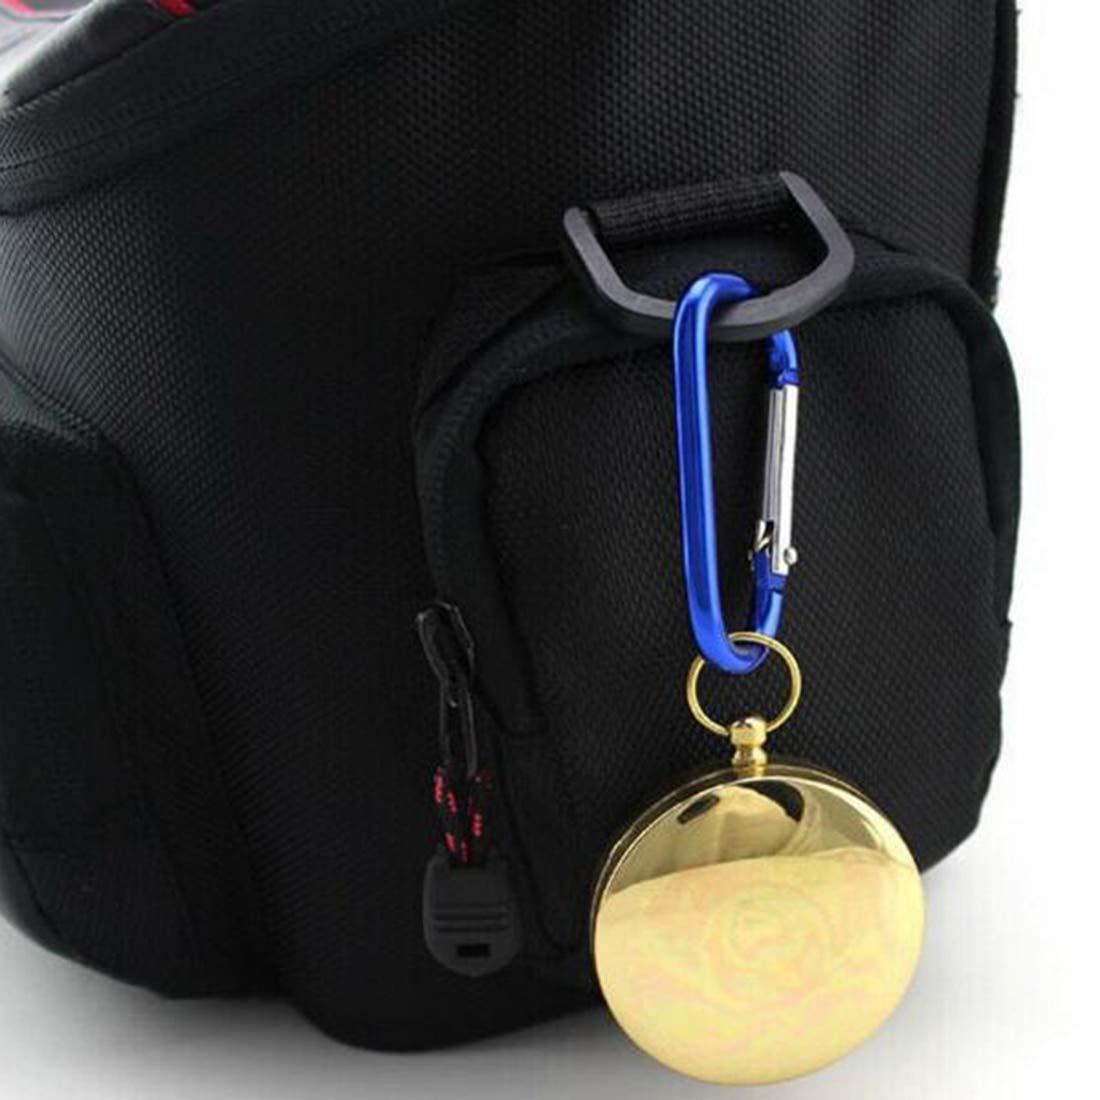 Basico Camping randonn/ée en Laiton Poche dor Boussole de Navigation pour